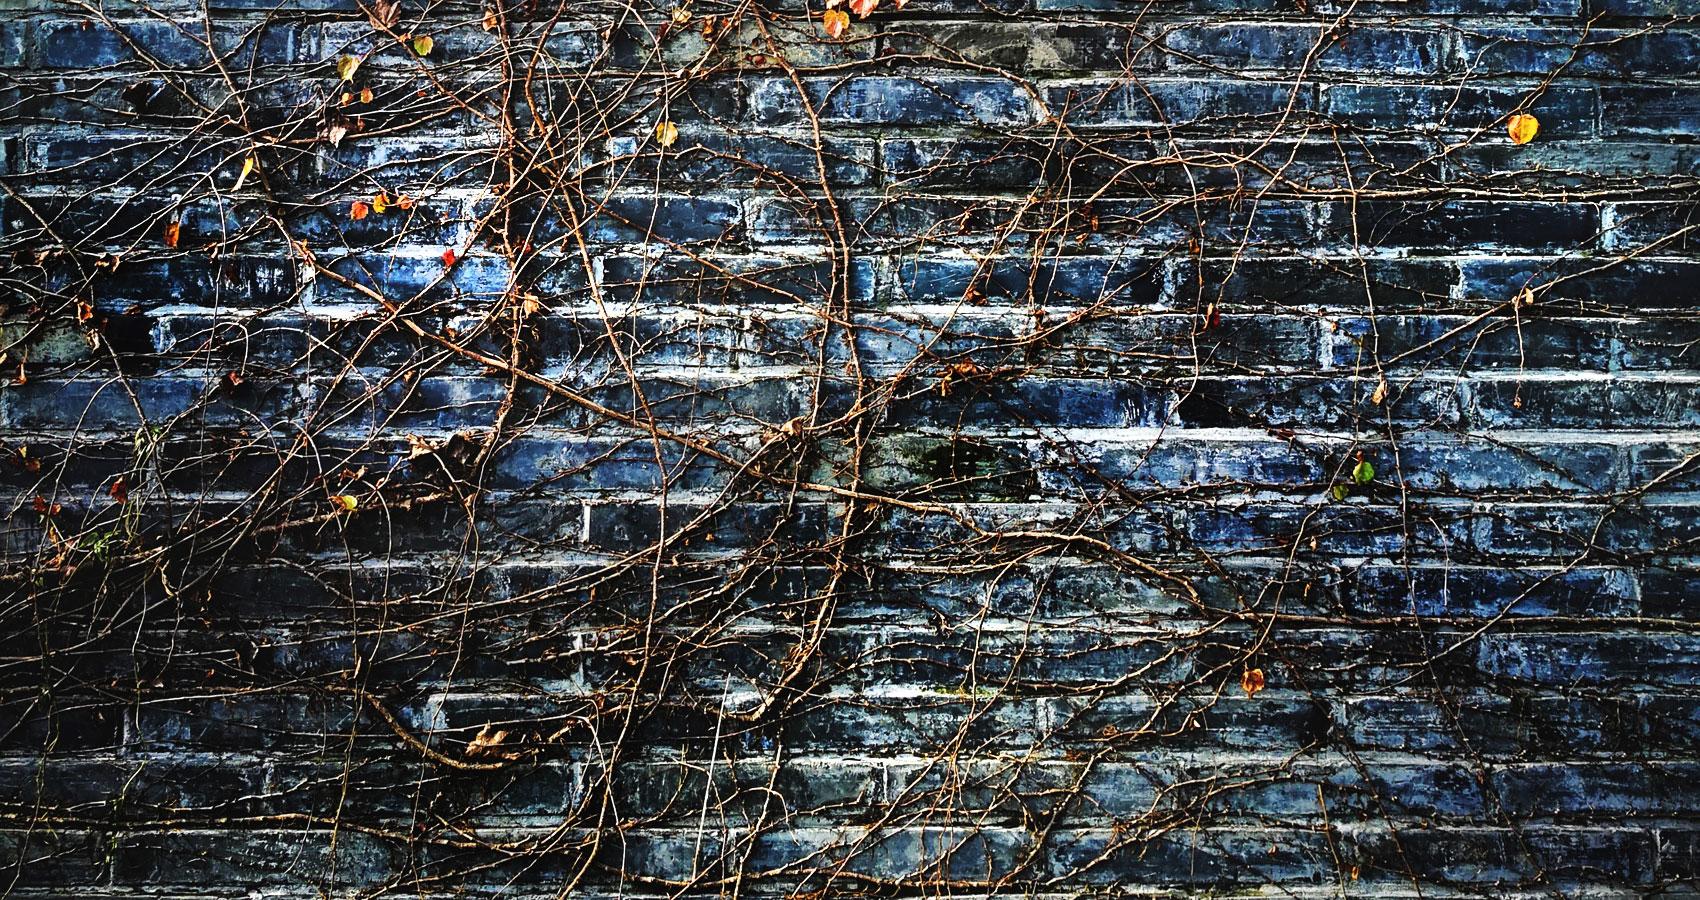 Unwrapping Deceit written by Amanda Eifert at Spillwords.com